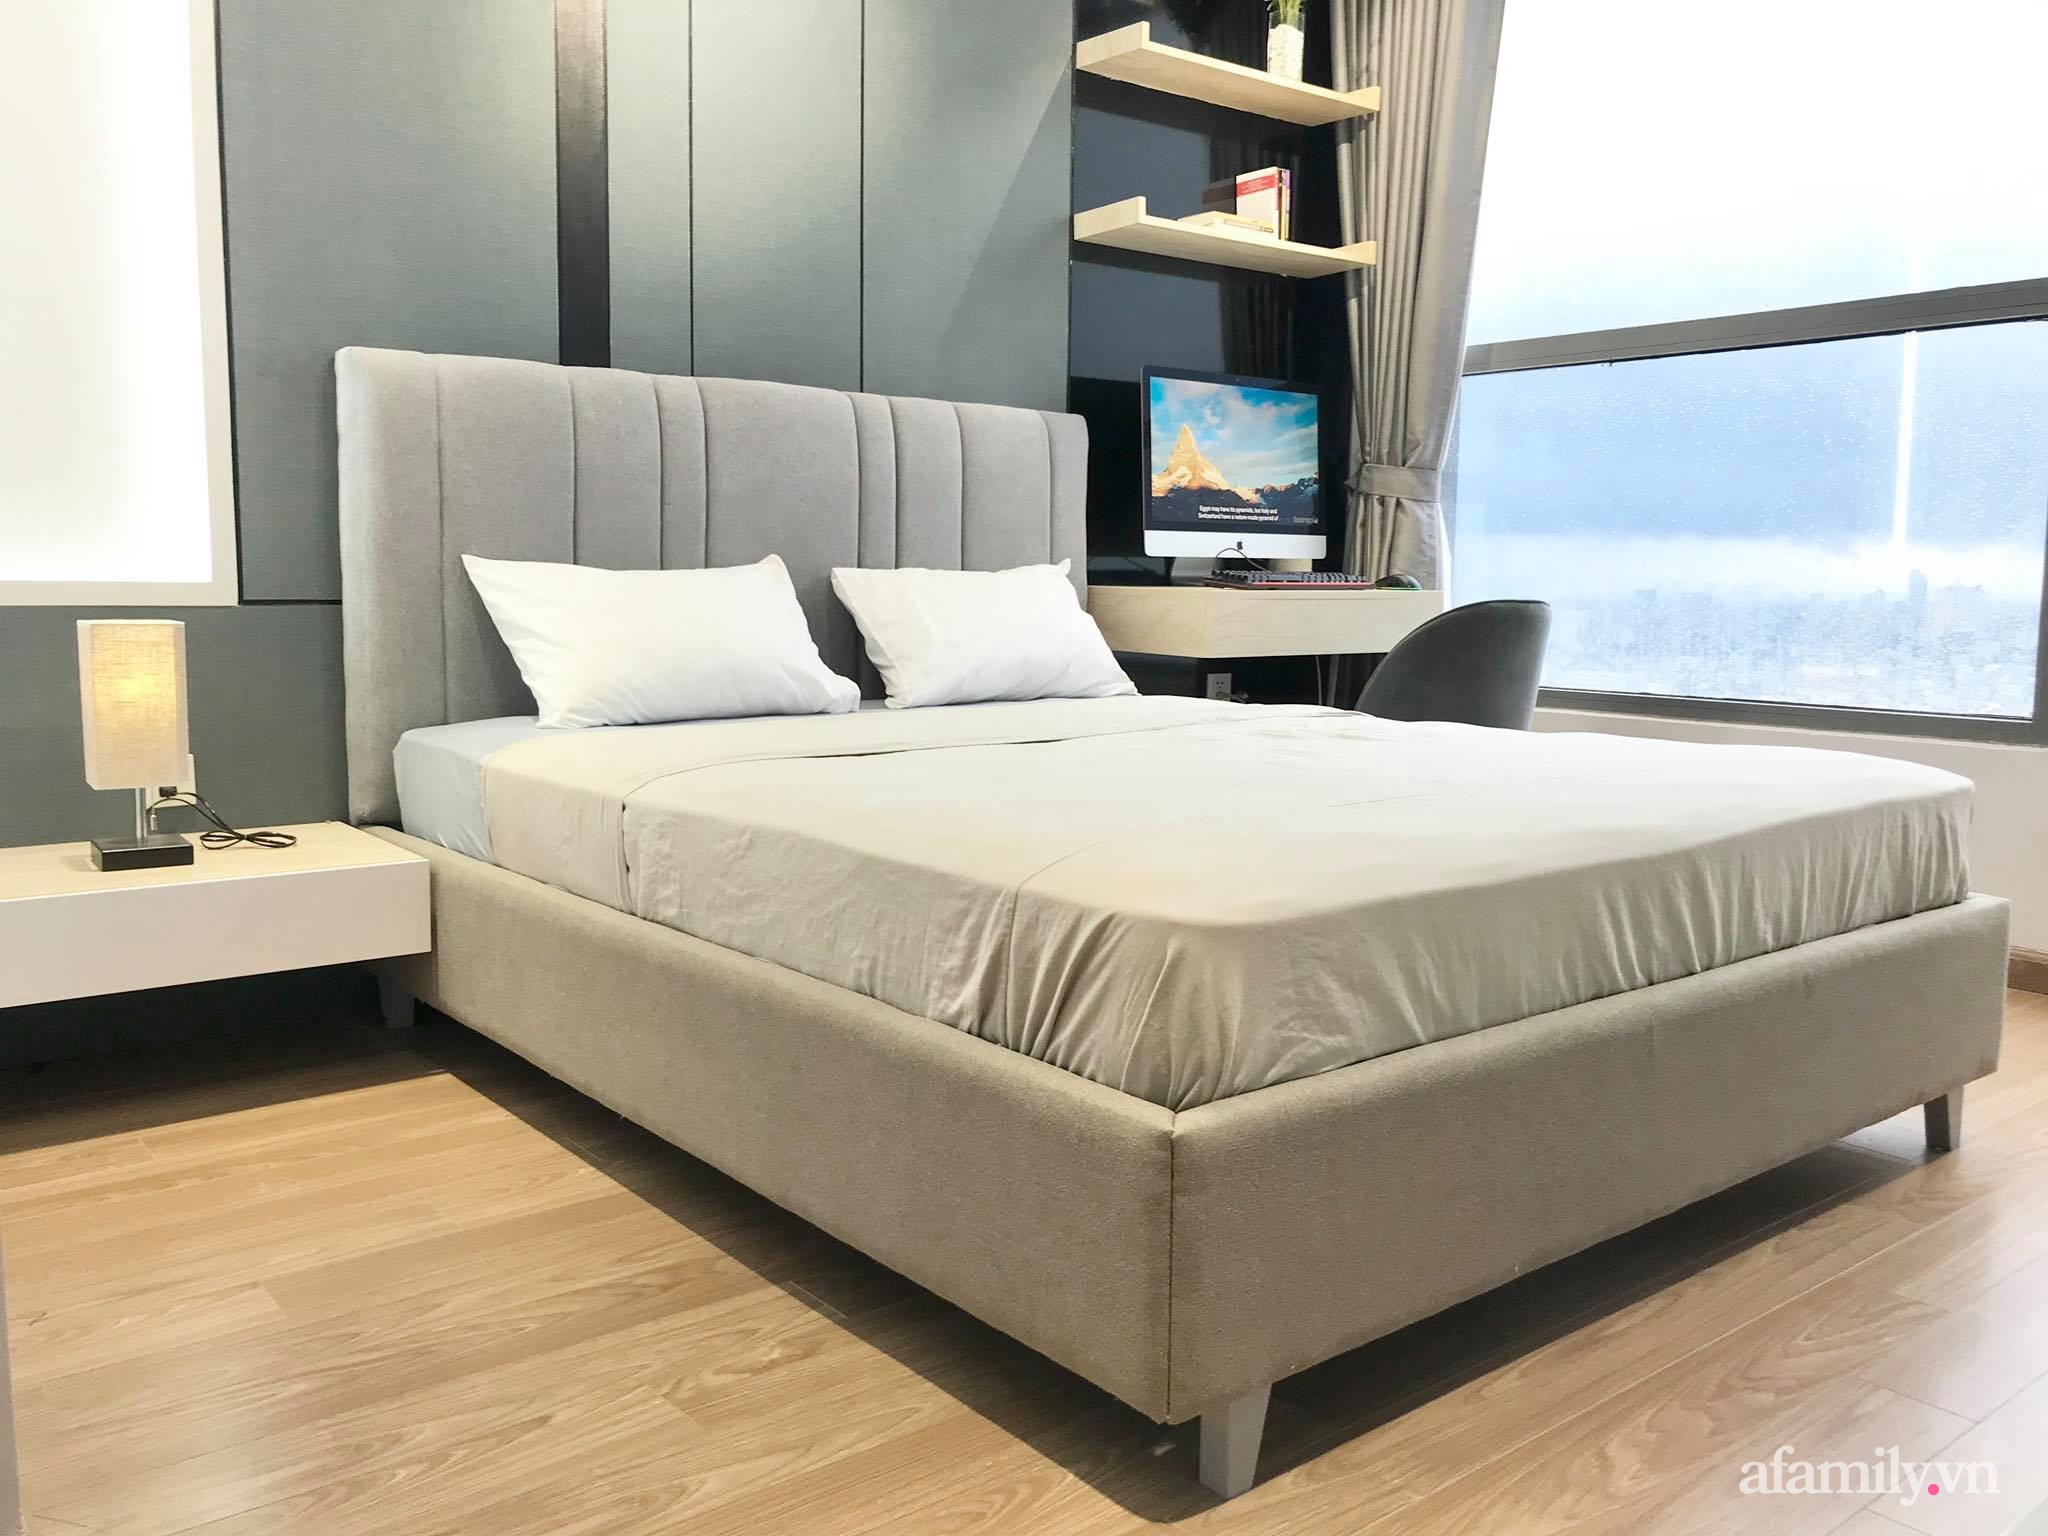 Căn hộ 79m² view trọn Hà Nội được chàng trai độc thân tự tay chọn đồ với chi phí 330 triệu đồng - Ảnh 14.